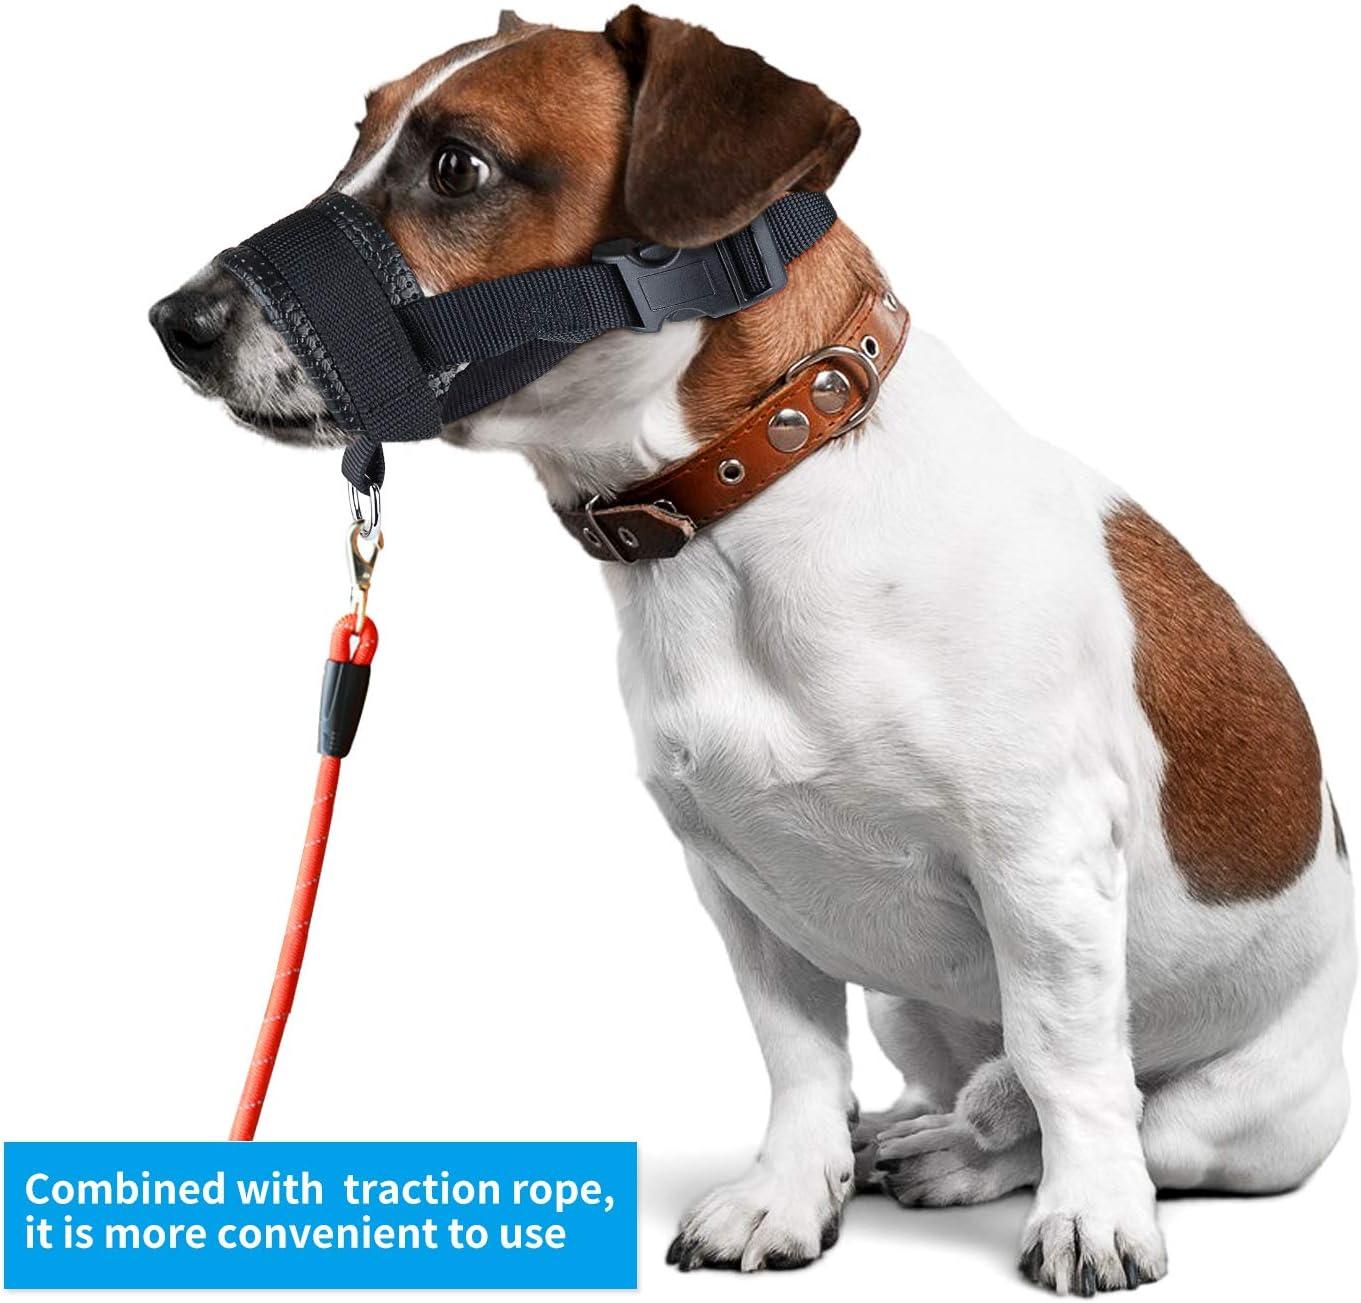 S Ladren y Mastiquen Bozales para Perros de Malla Bozal de Nailon Suave para Evitar Que Los Perros Muerdan Cabestrillo Ajustable para Perros Peque/ños Medianos y Grandes Azul